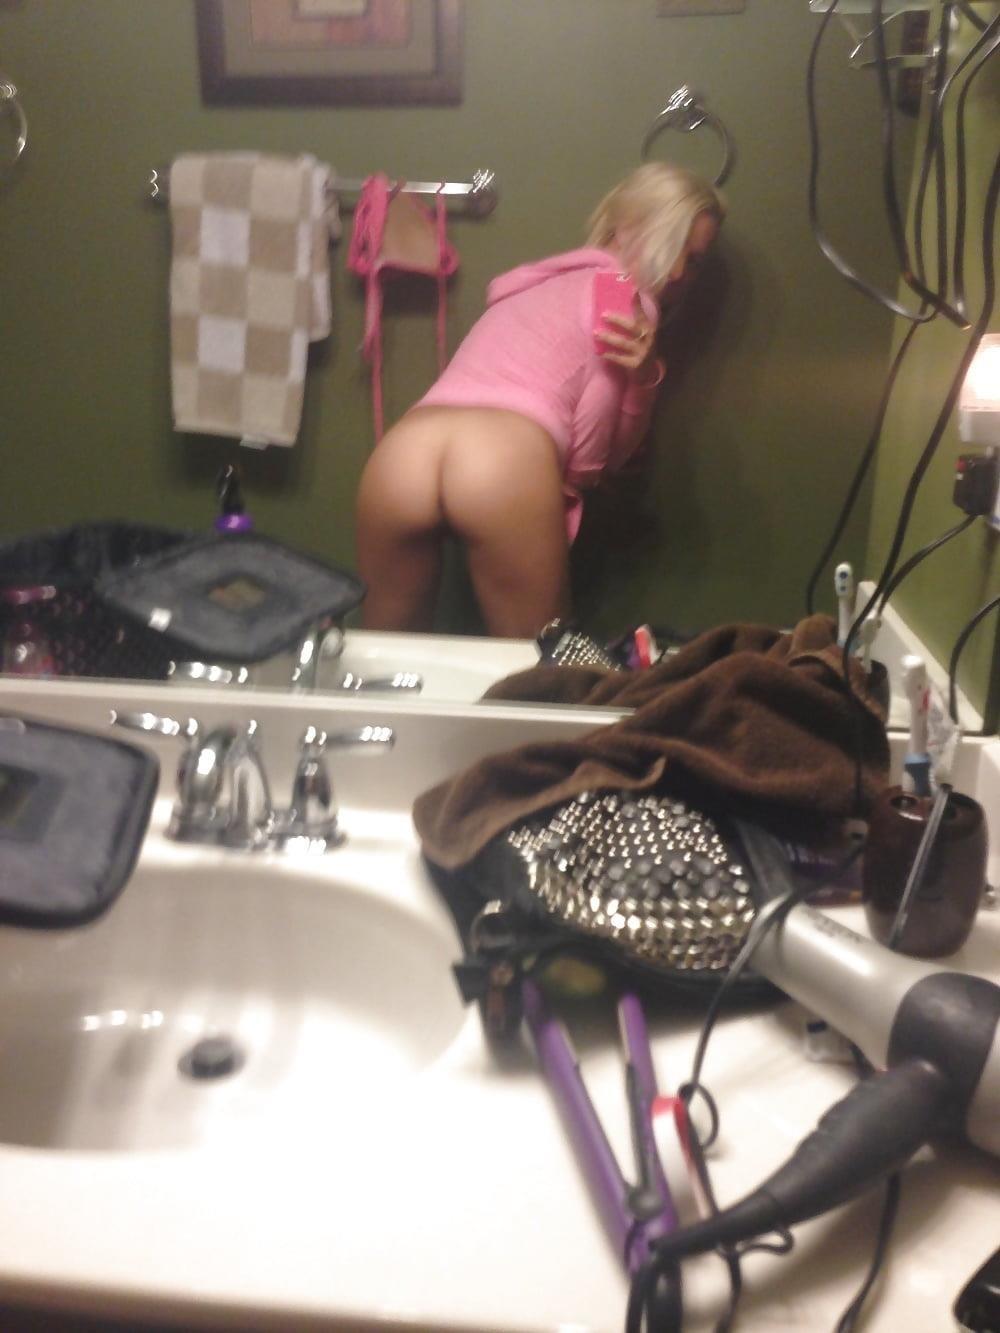 Hot blonde nude selfies-7310